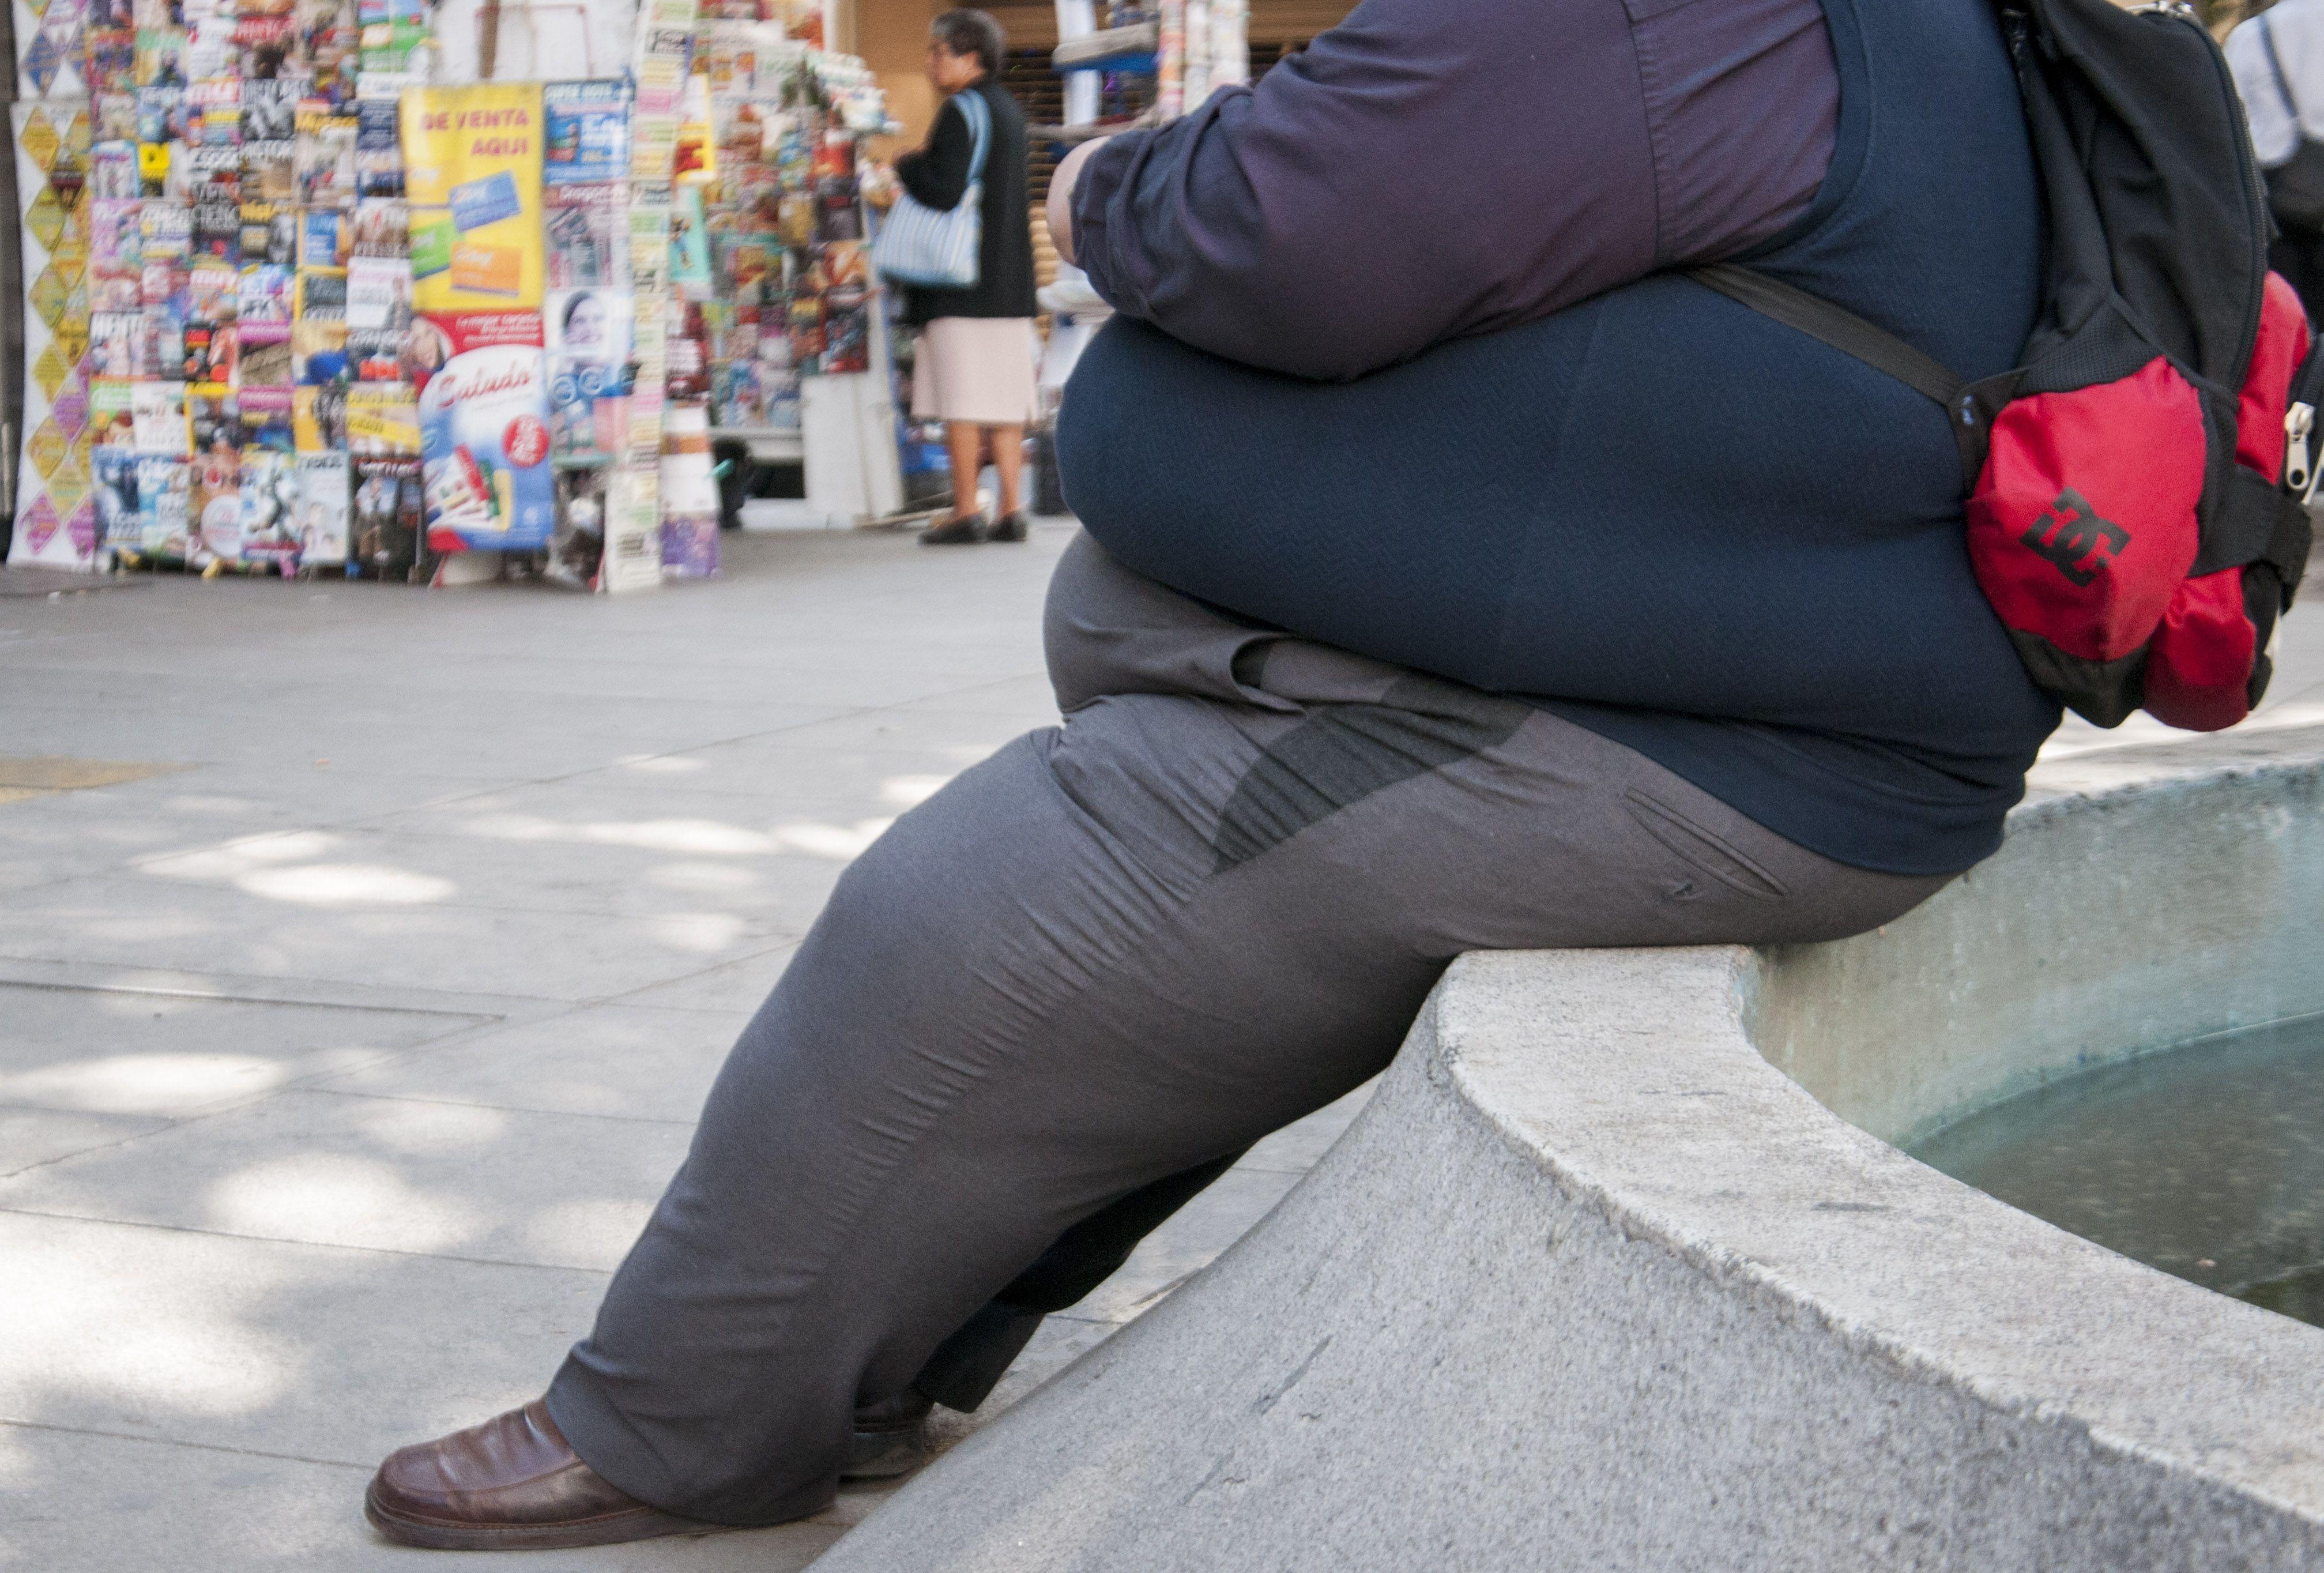 Dura condena contra la Ciudad por no atender a un obeso mórbido